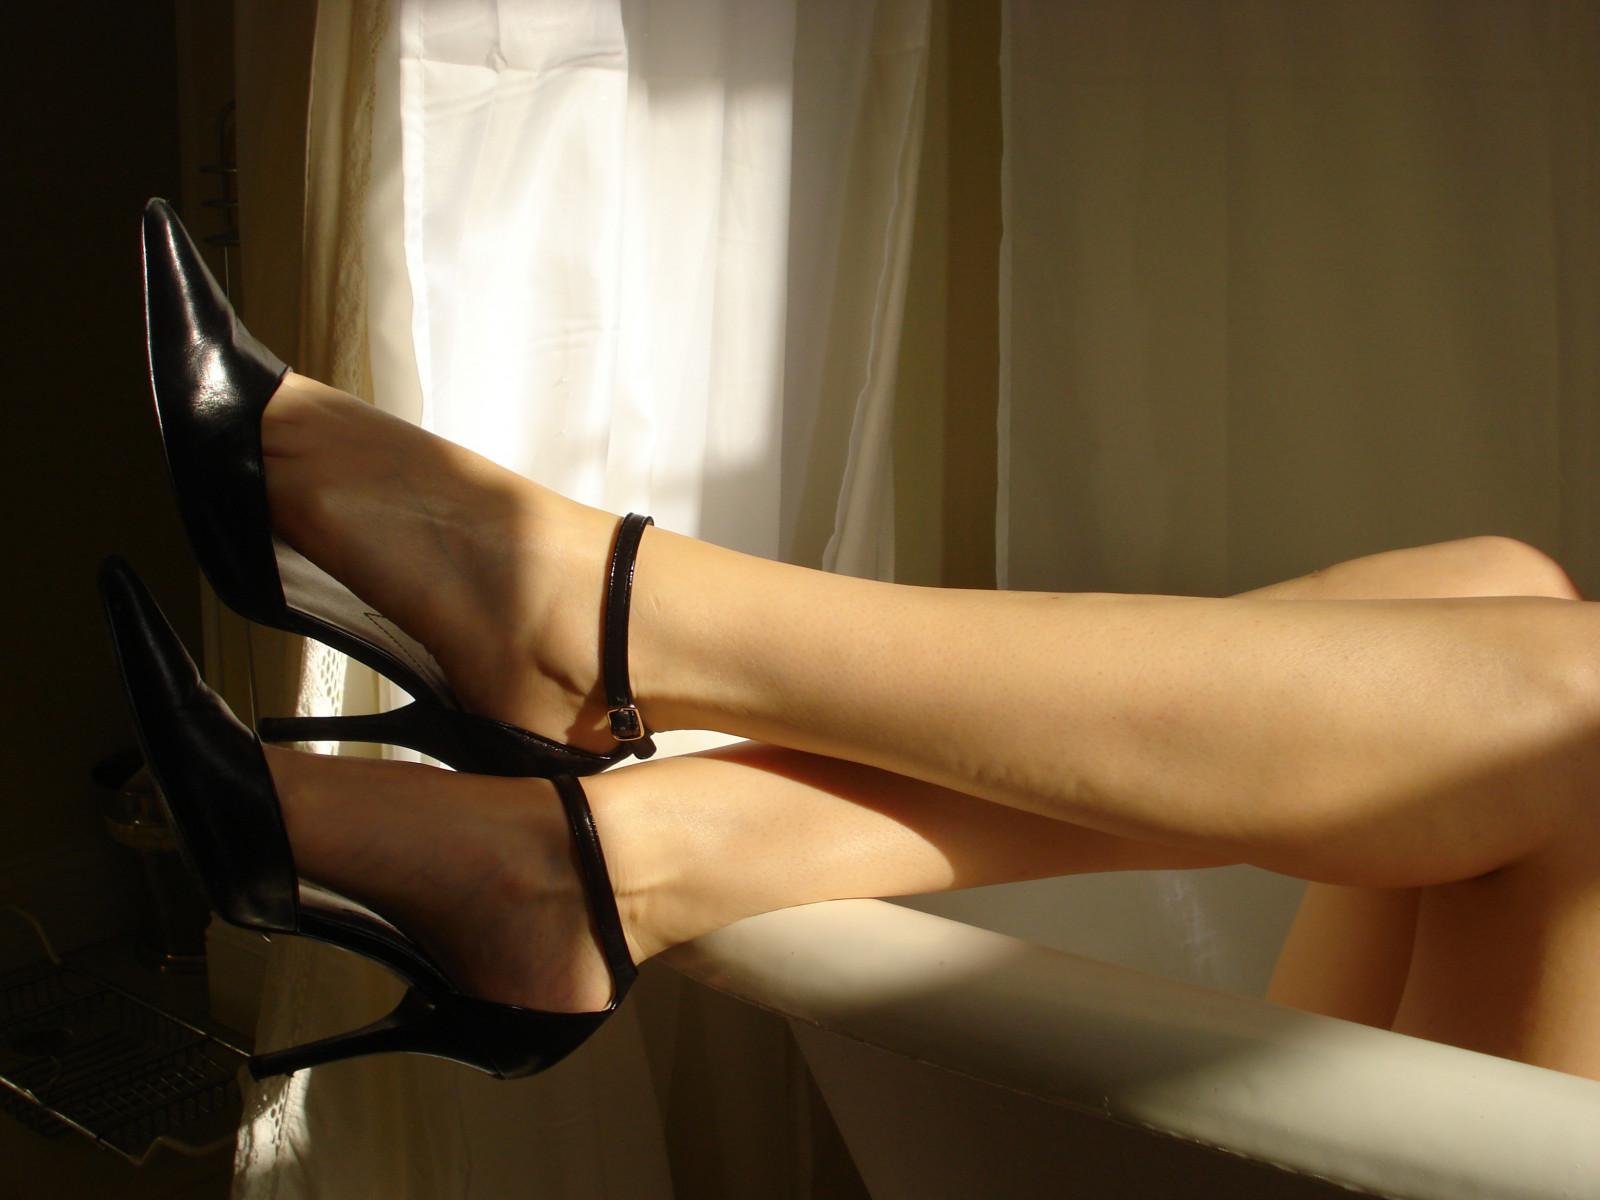 Хочу пышные ноги, Худые ноги как сделать толще? 7 фотография